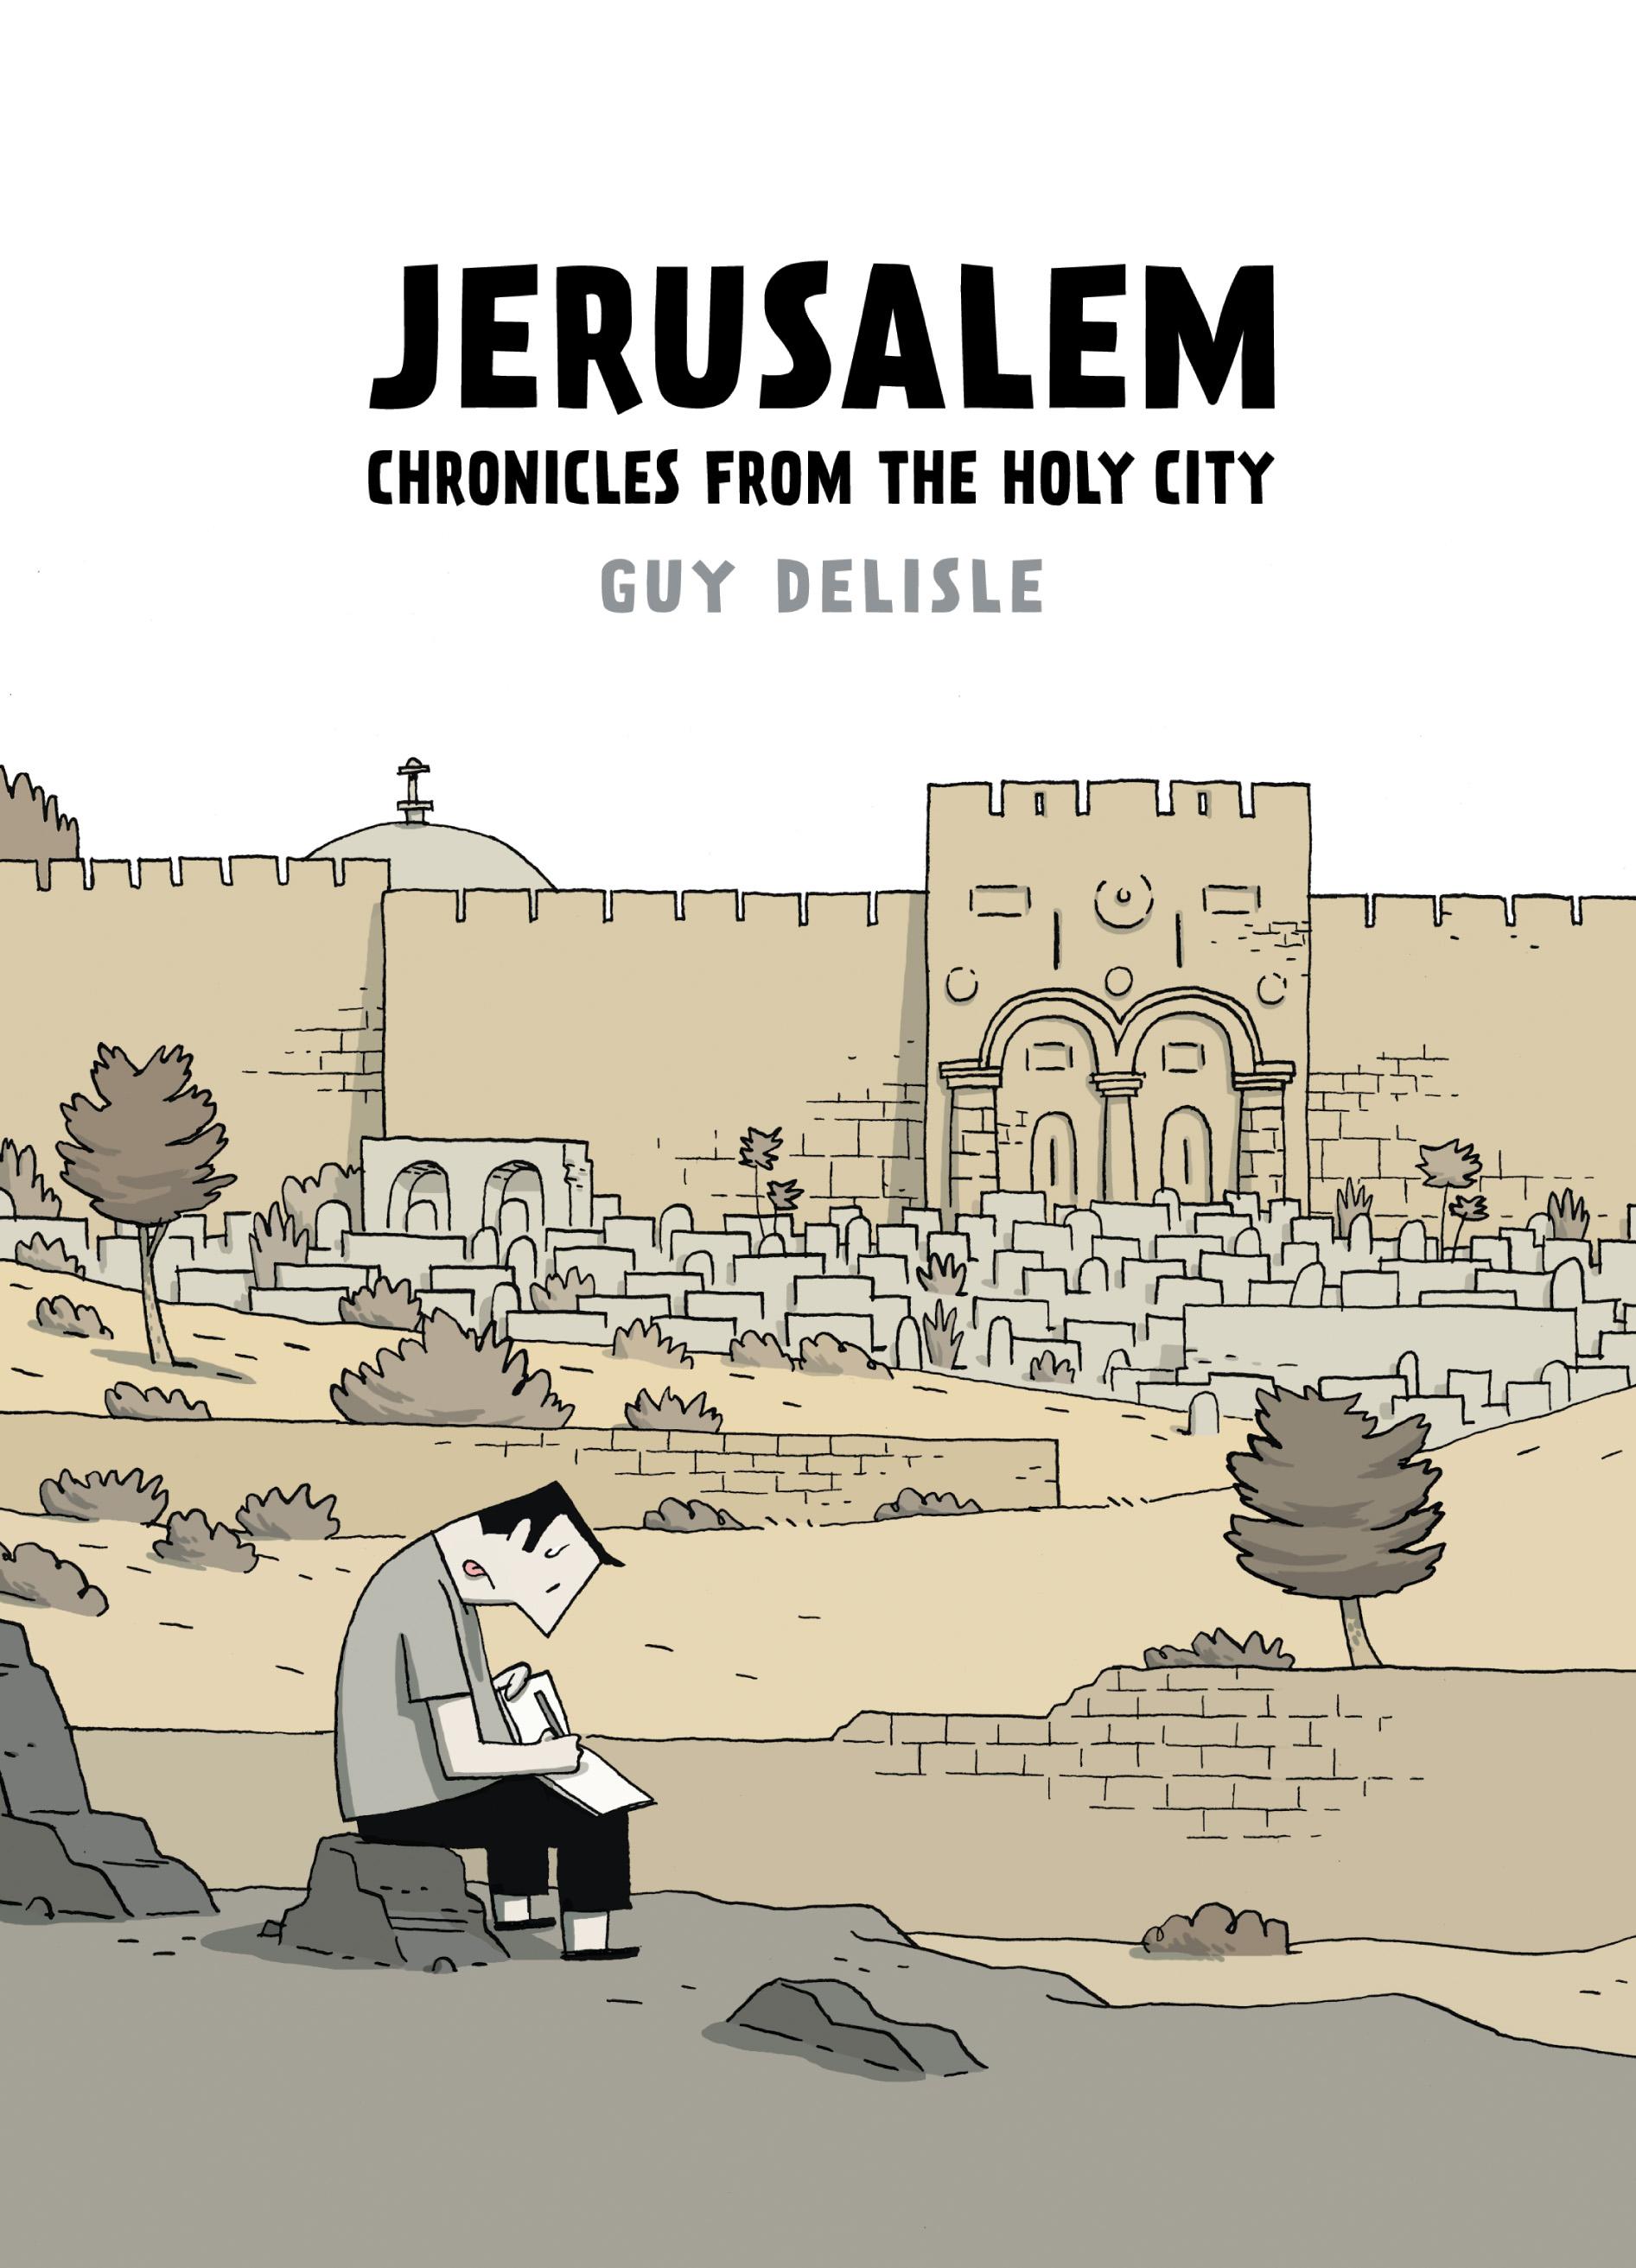 JERUSALEMcover_full